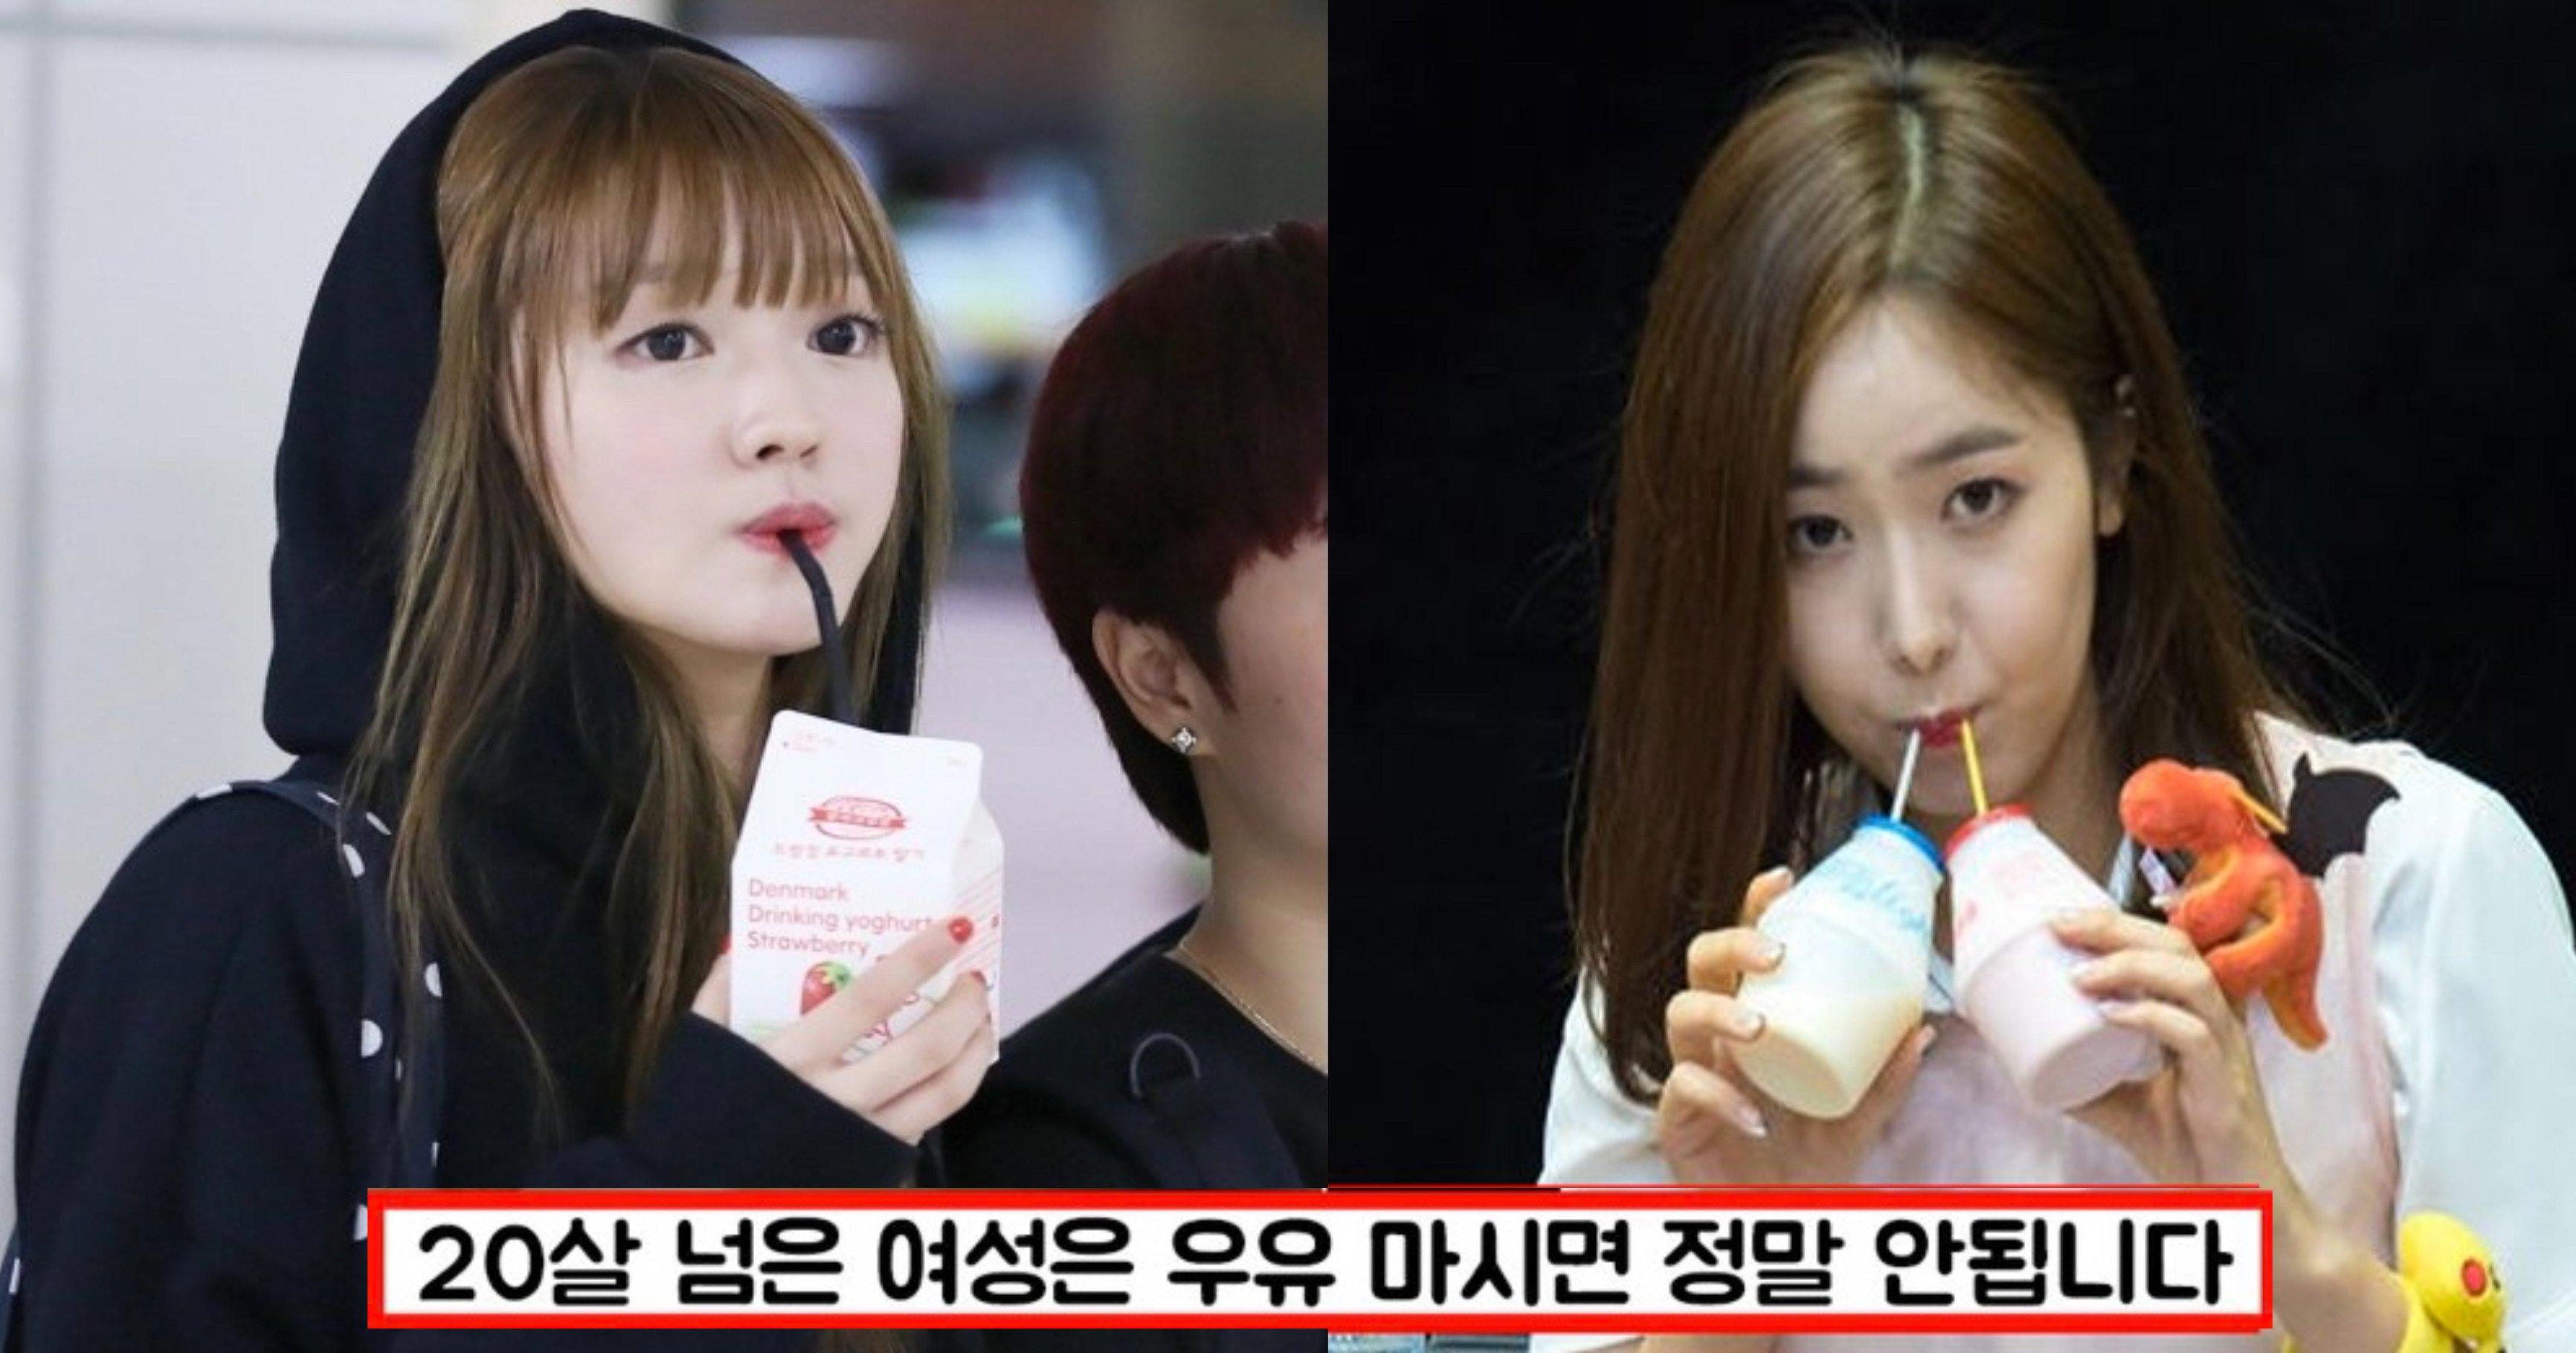 """86caf63c 8f0b 4f6a 8e03 ecfa1f8fb993.jpeg?resize=1200,630 - """"우유 절대로 마시면 안 되는 거 알고 있었음?""""..성인 여성이 우유를 마시면 안 되는 '충격적인' 이유.jpg"""